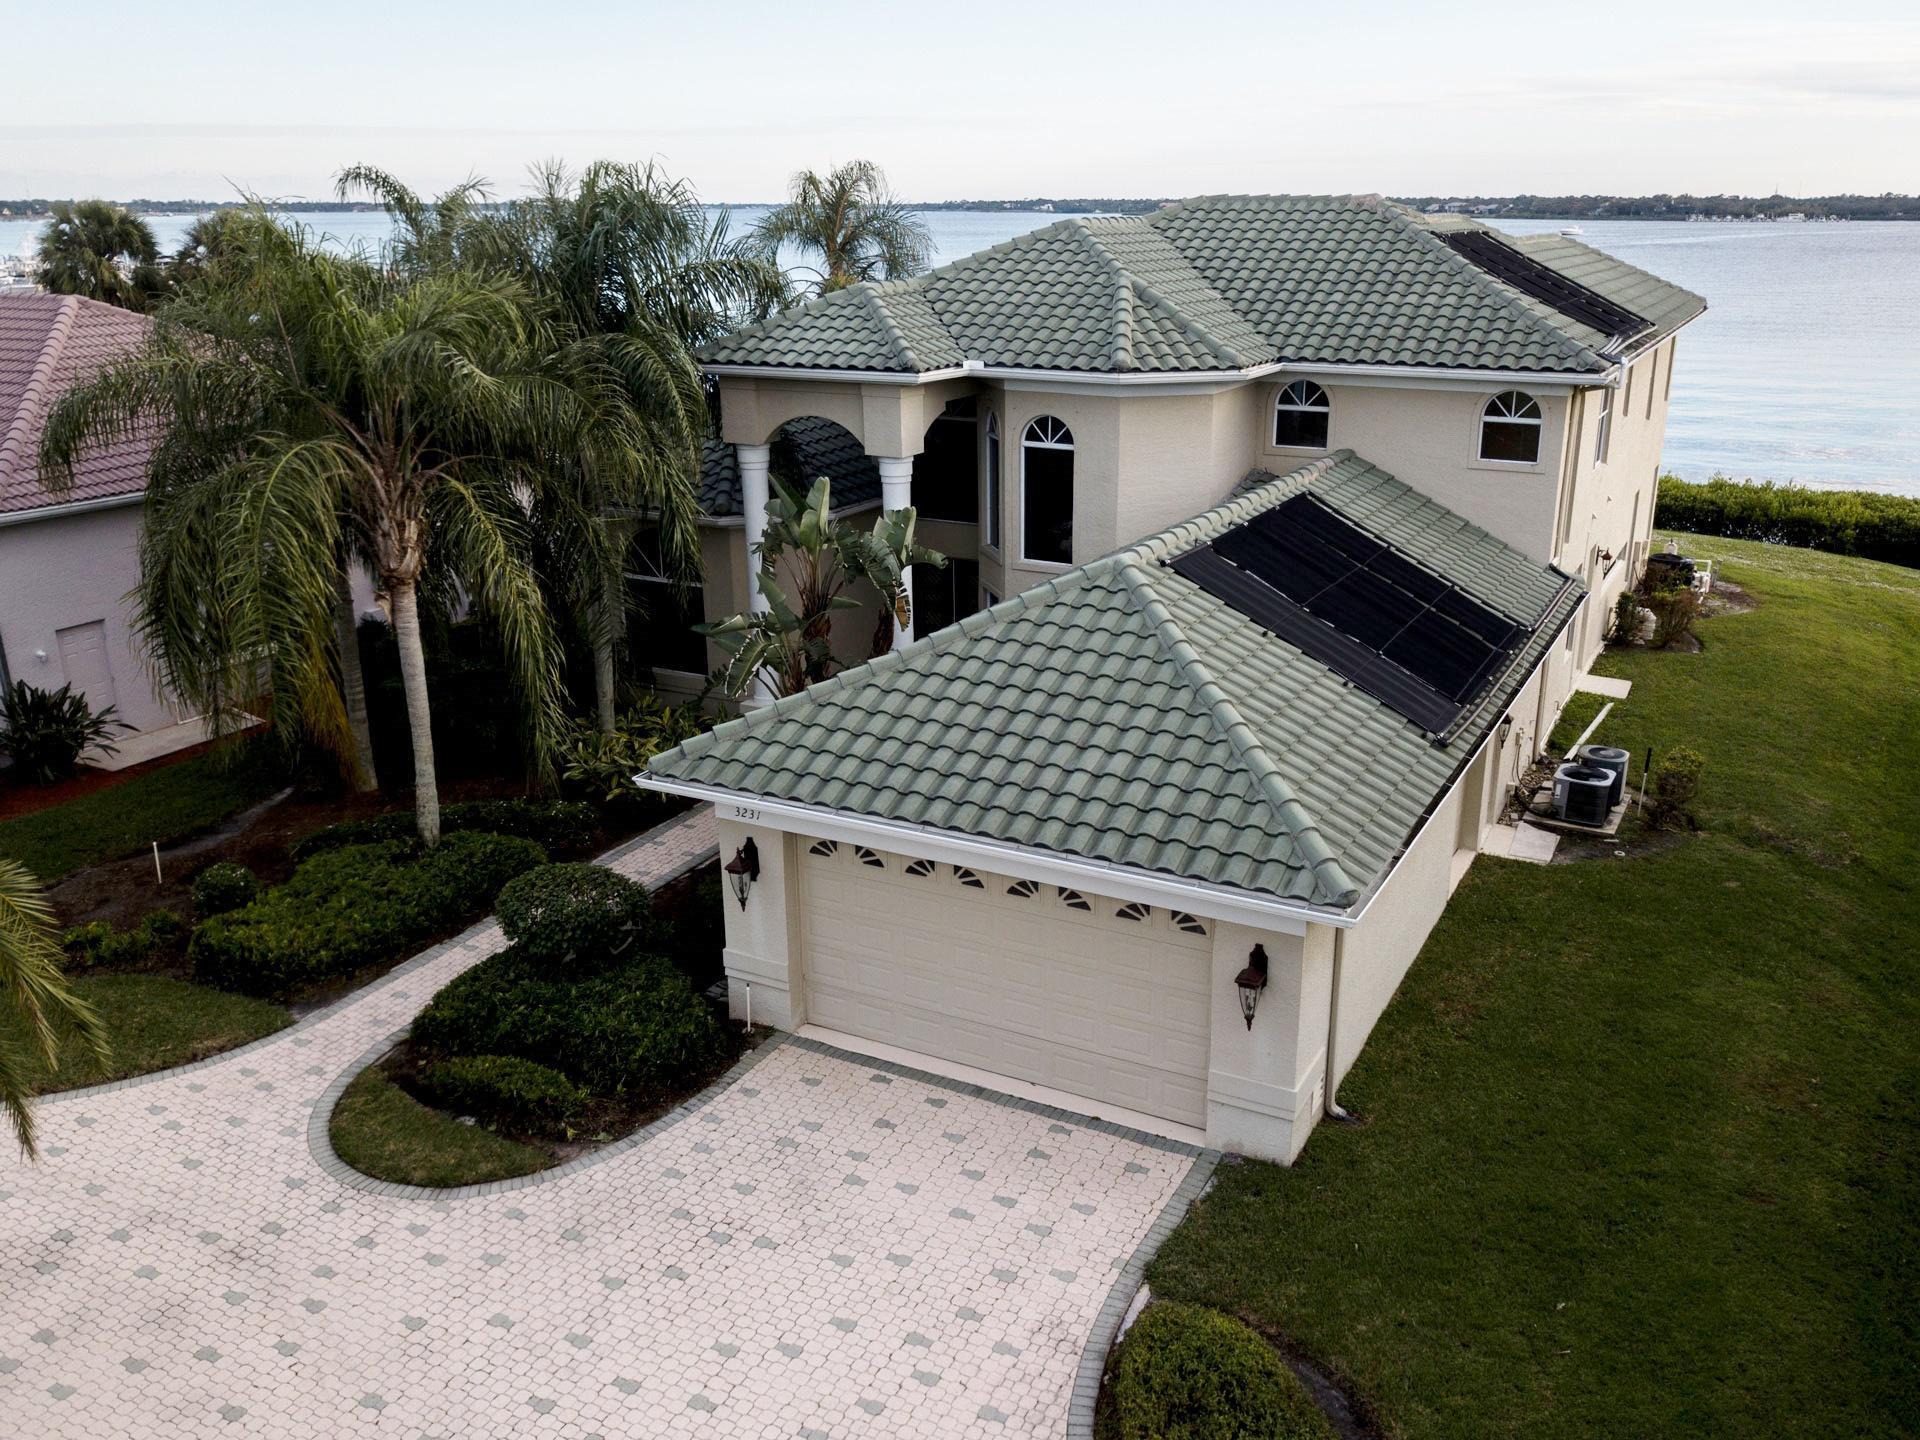 3231 Braemar Way, Port Saint Lucie, Florida 34952, 3 Bedrooms Bedrooms, ,3 BathroomsBathrooms,Single Family,For Sale,Ballantrae,Braemar,RX-10477337